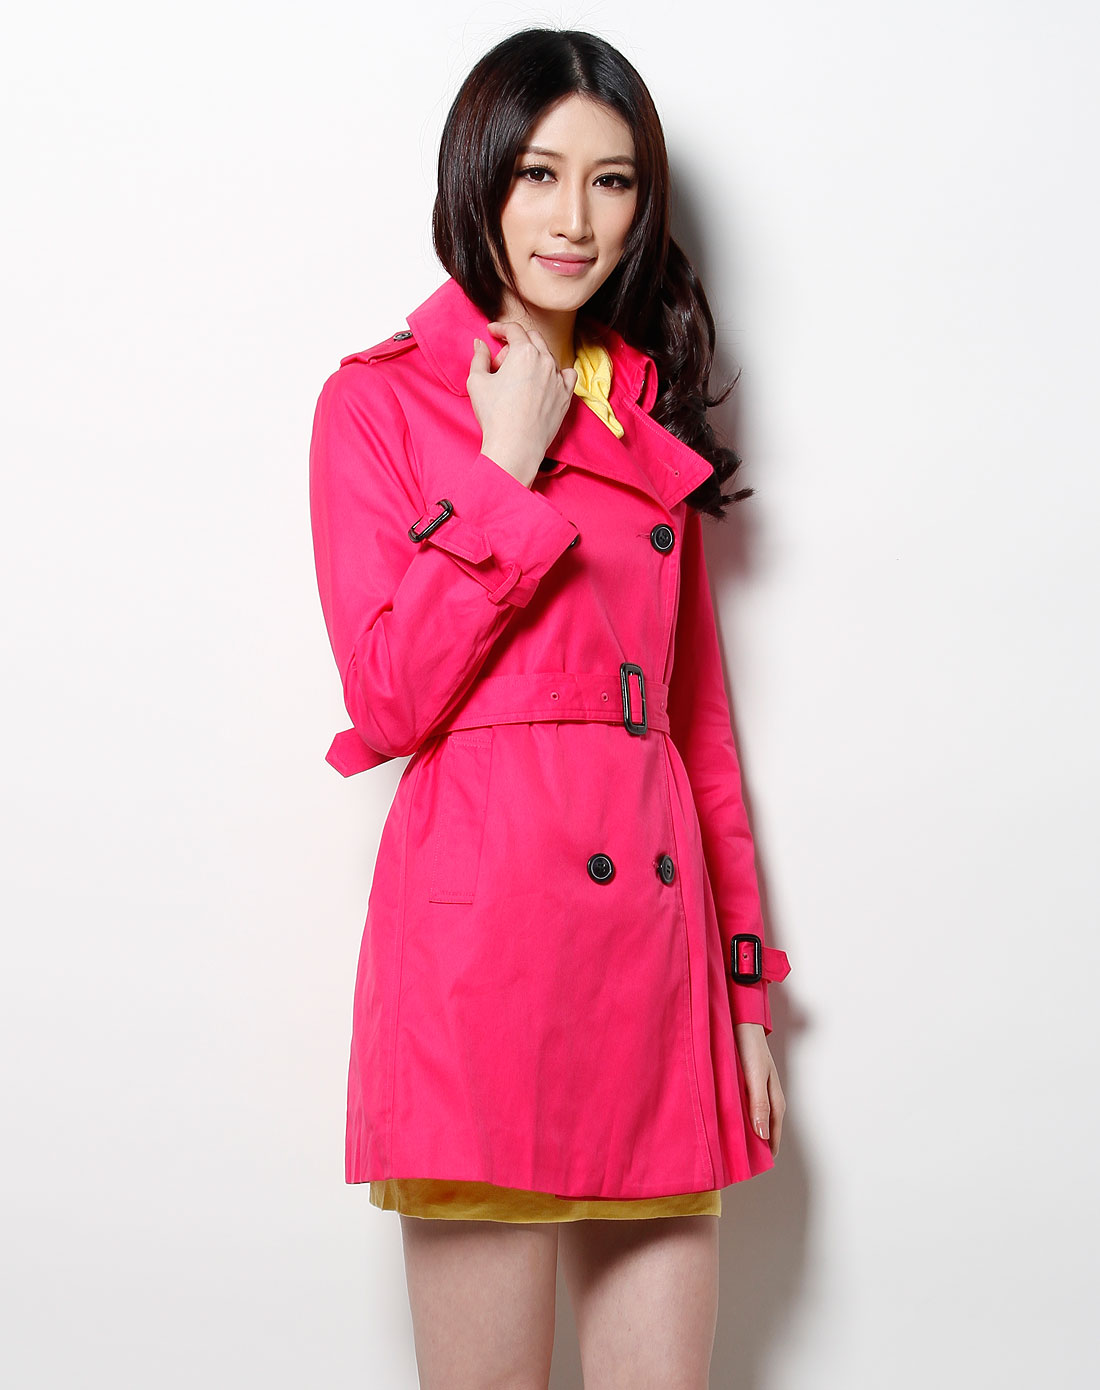 卡莎布兰卡玫红色长袖外套